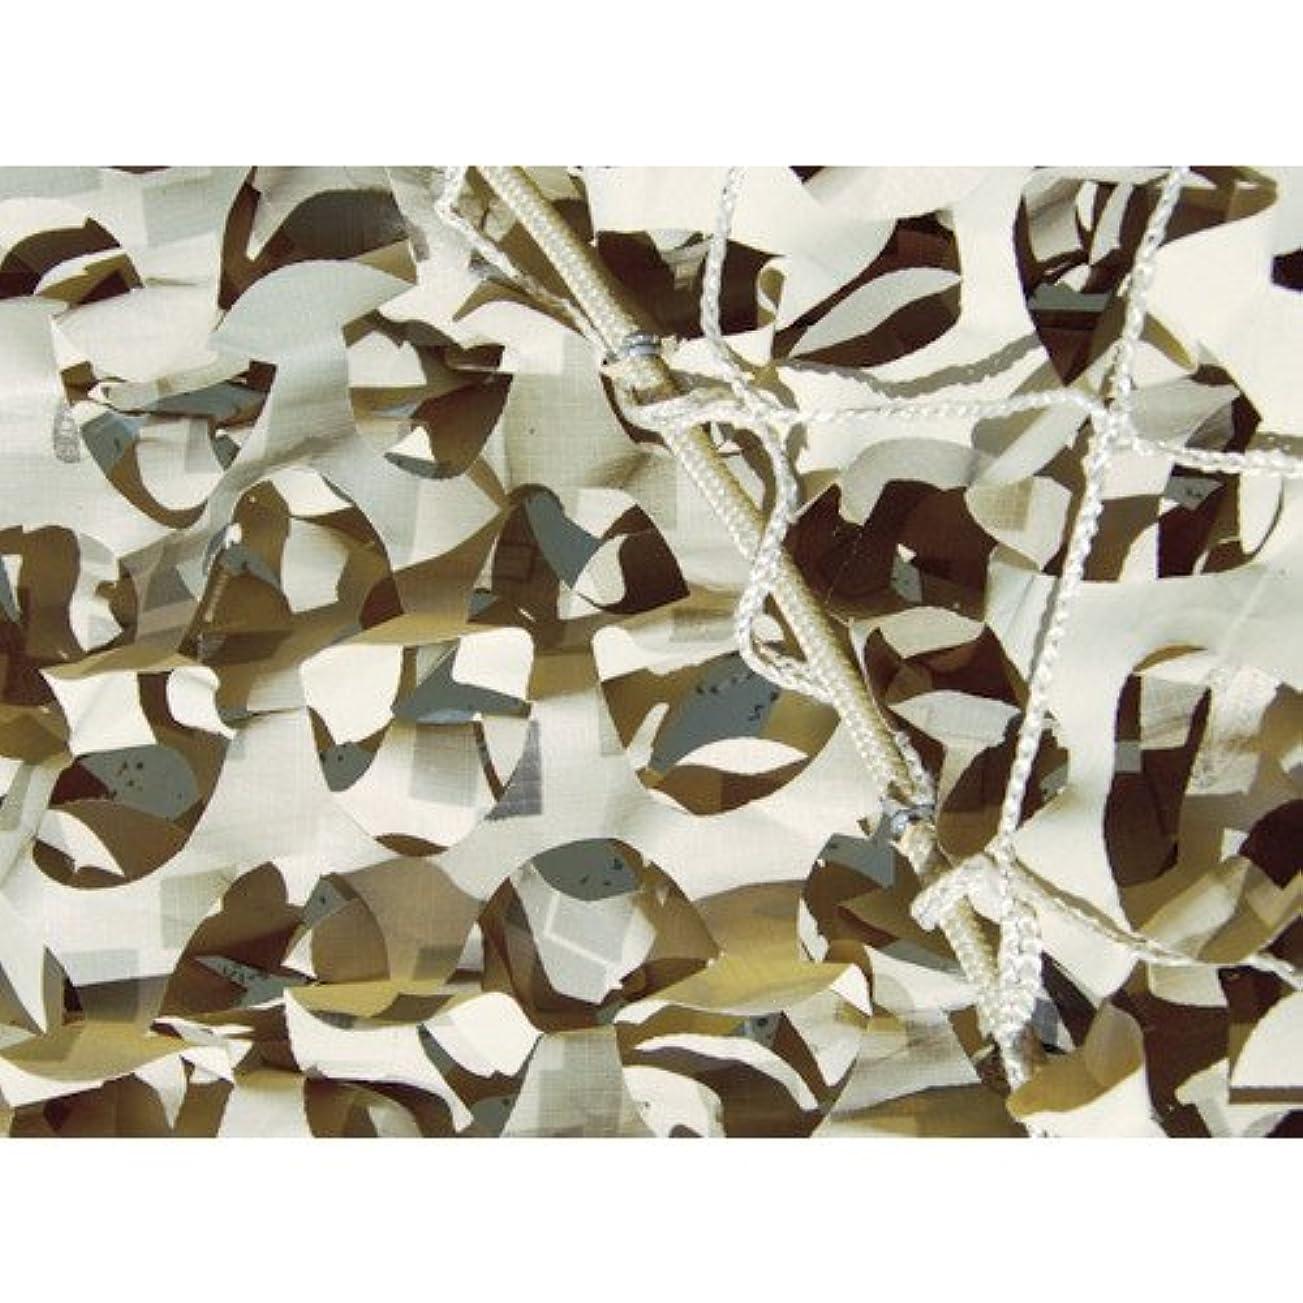 吹雪バスカプラートラスコ中山 CAMO スペシャリスト レギュラーXミリタリー デジタルデザート 1.8mX6 DD08